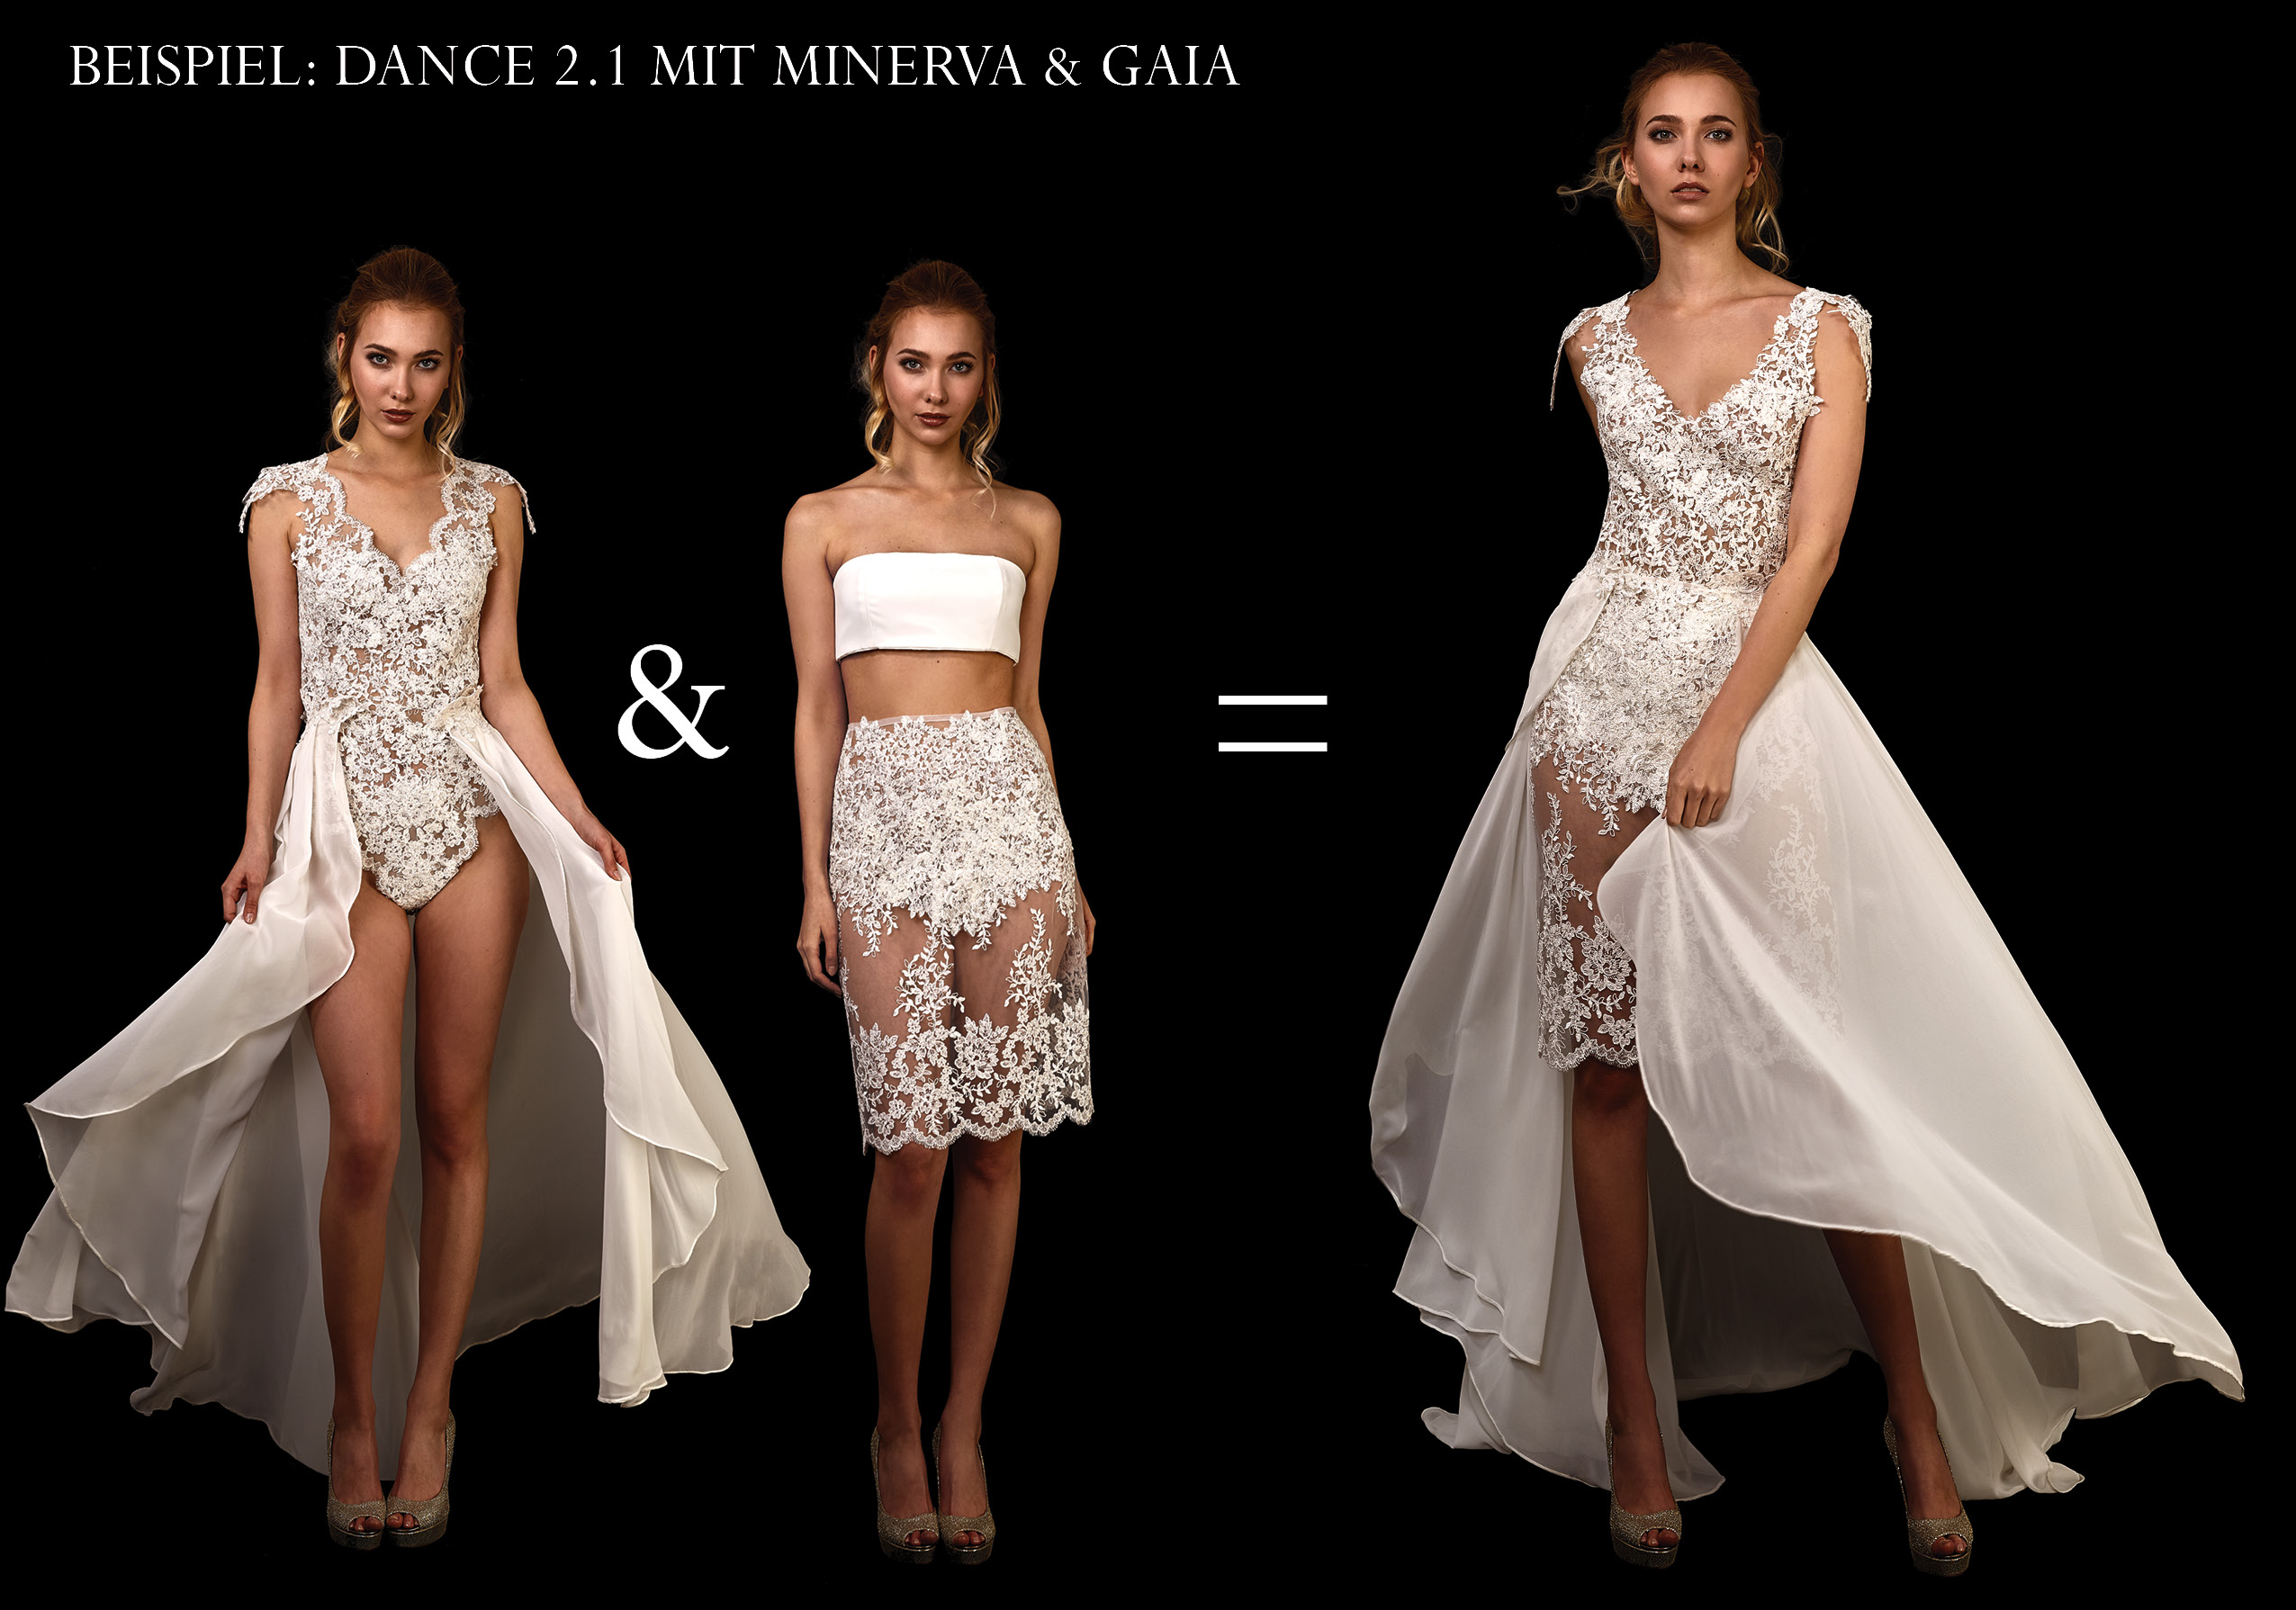 Ein gutes Beispiel, wie man unsere Brautkleider für die perfekte Stand Hochzeit kombinieren kann - match dance claudia gaia